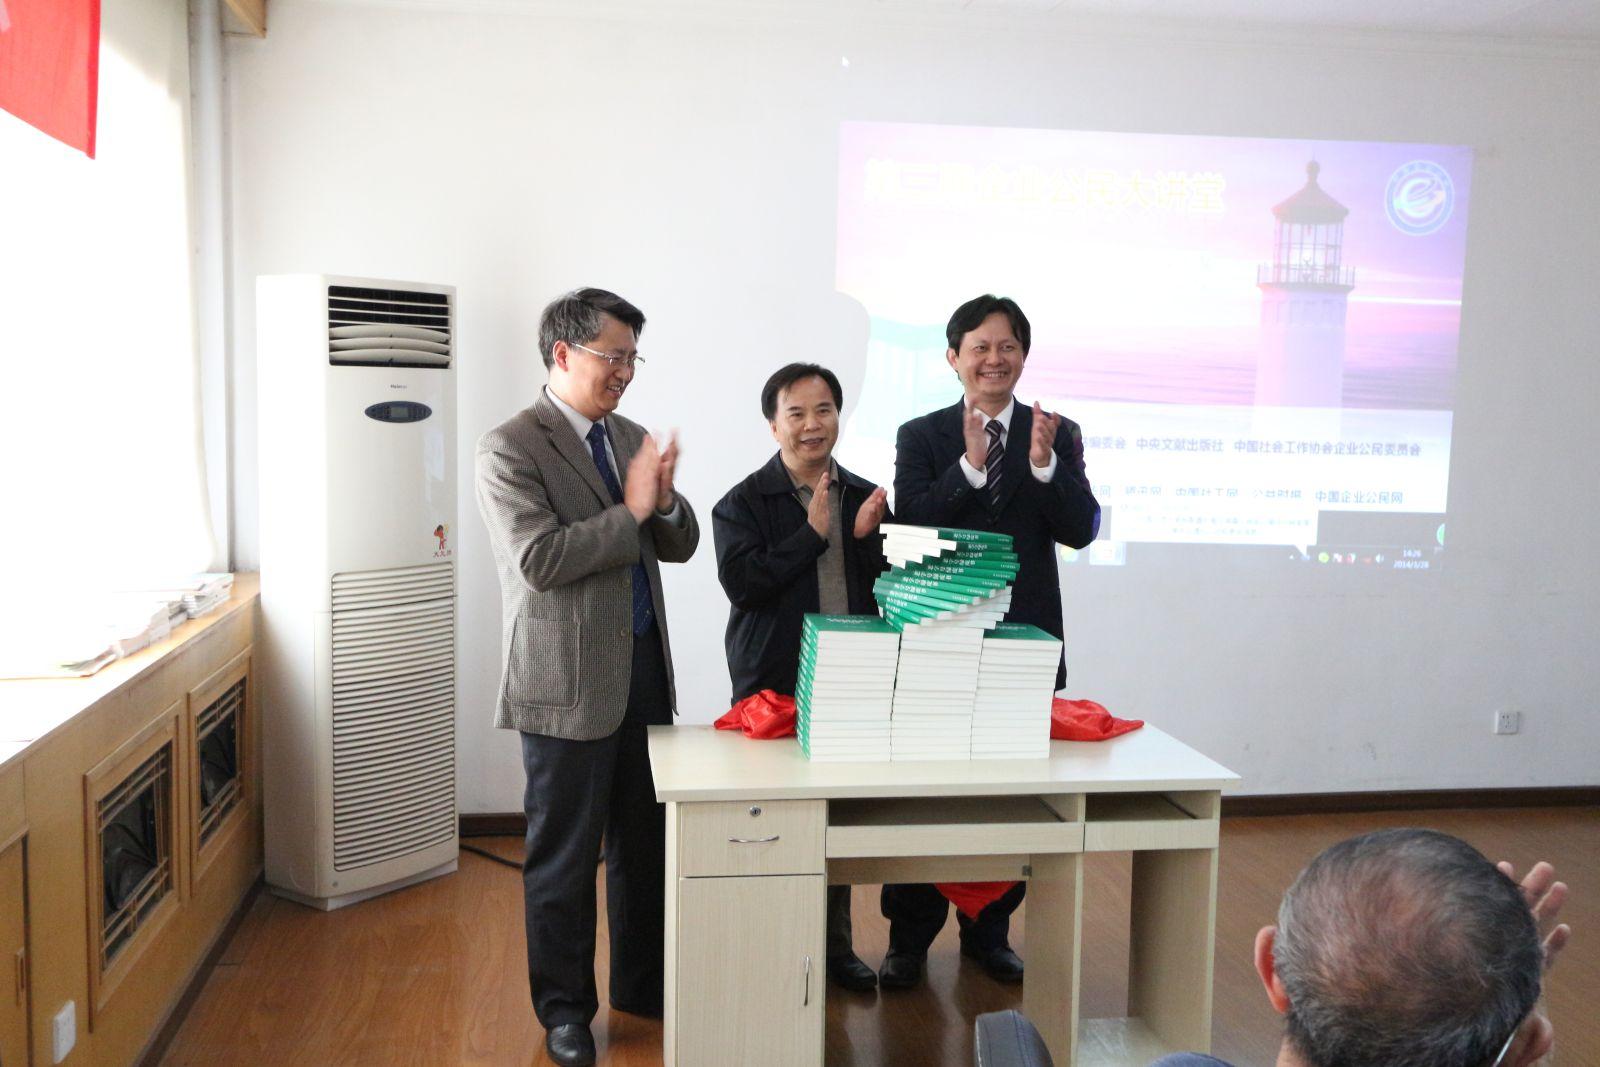 黄忠彩、张继焦、刘卫华三位参加了新书揭幕仪式